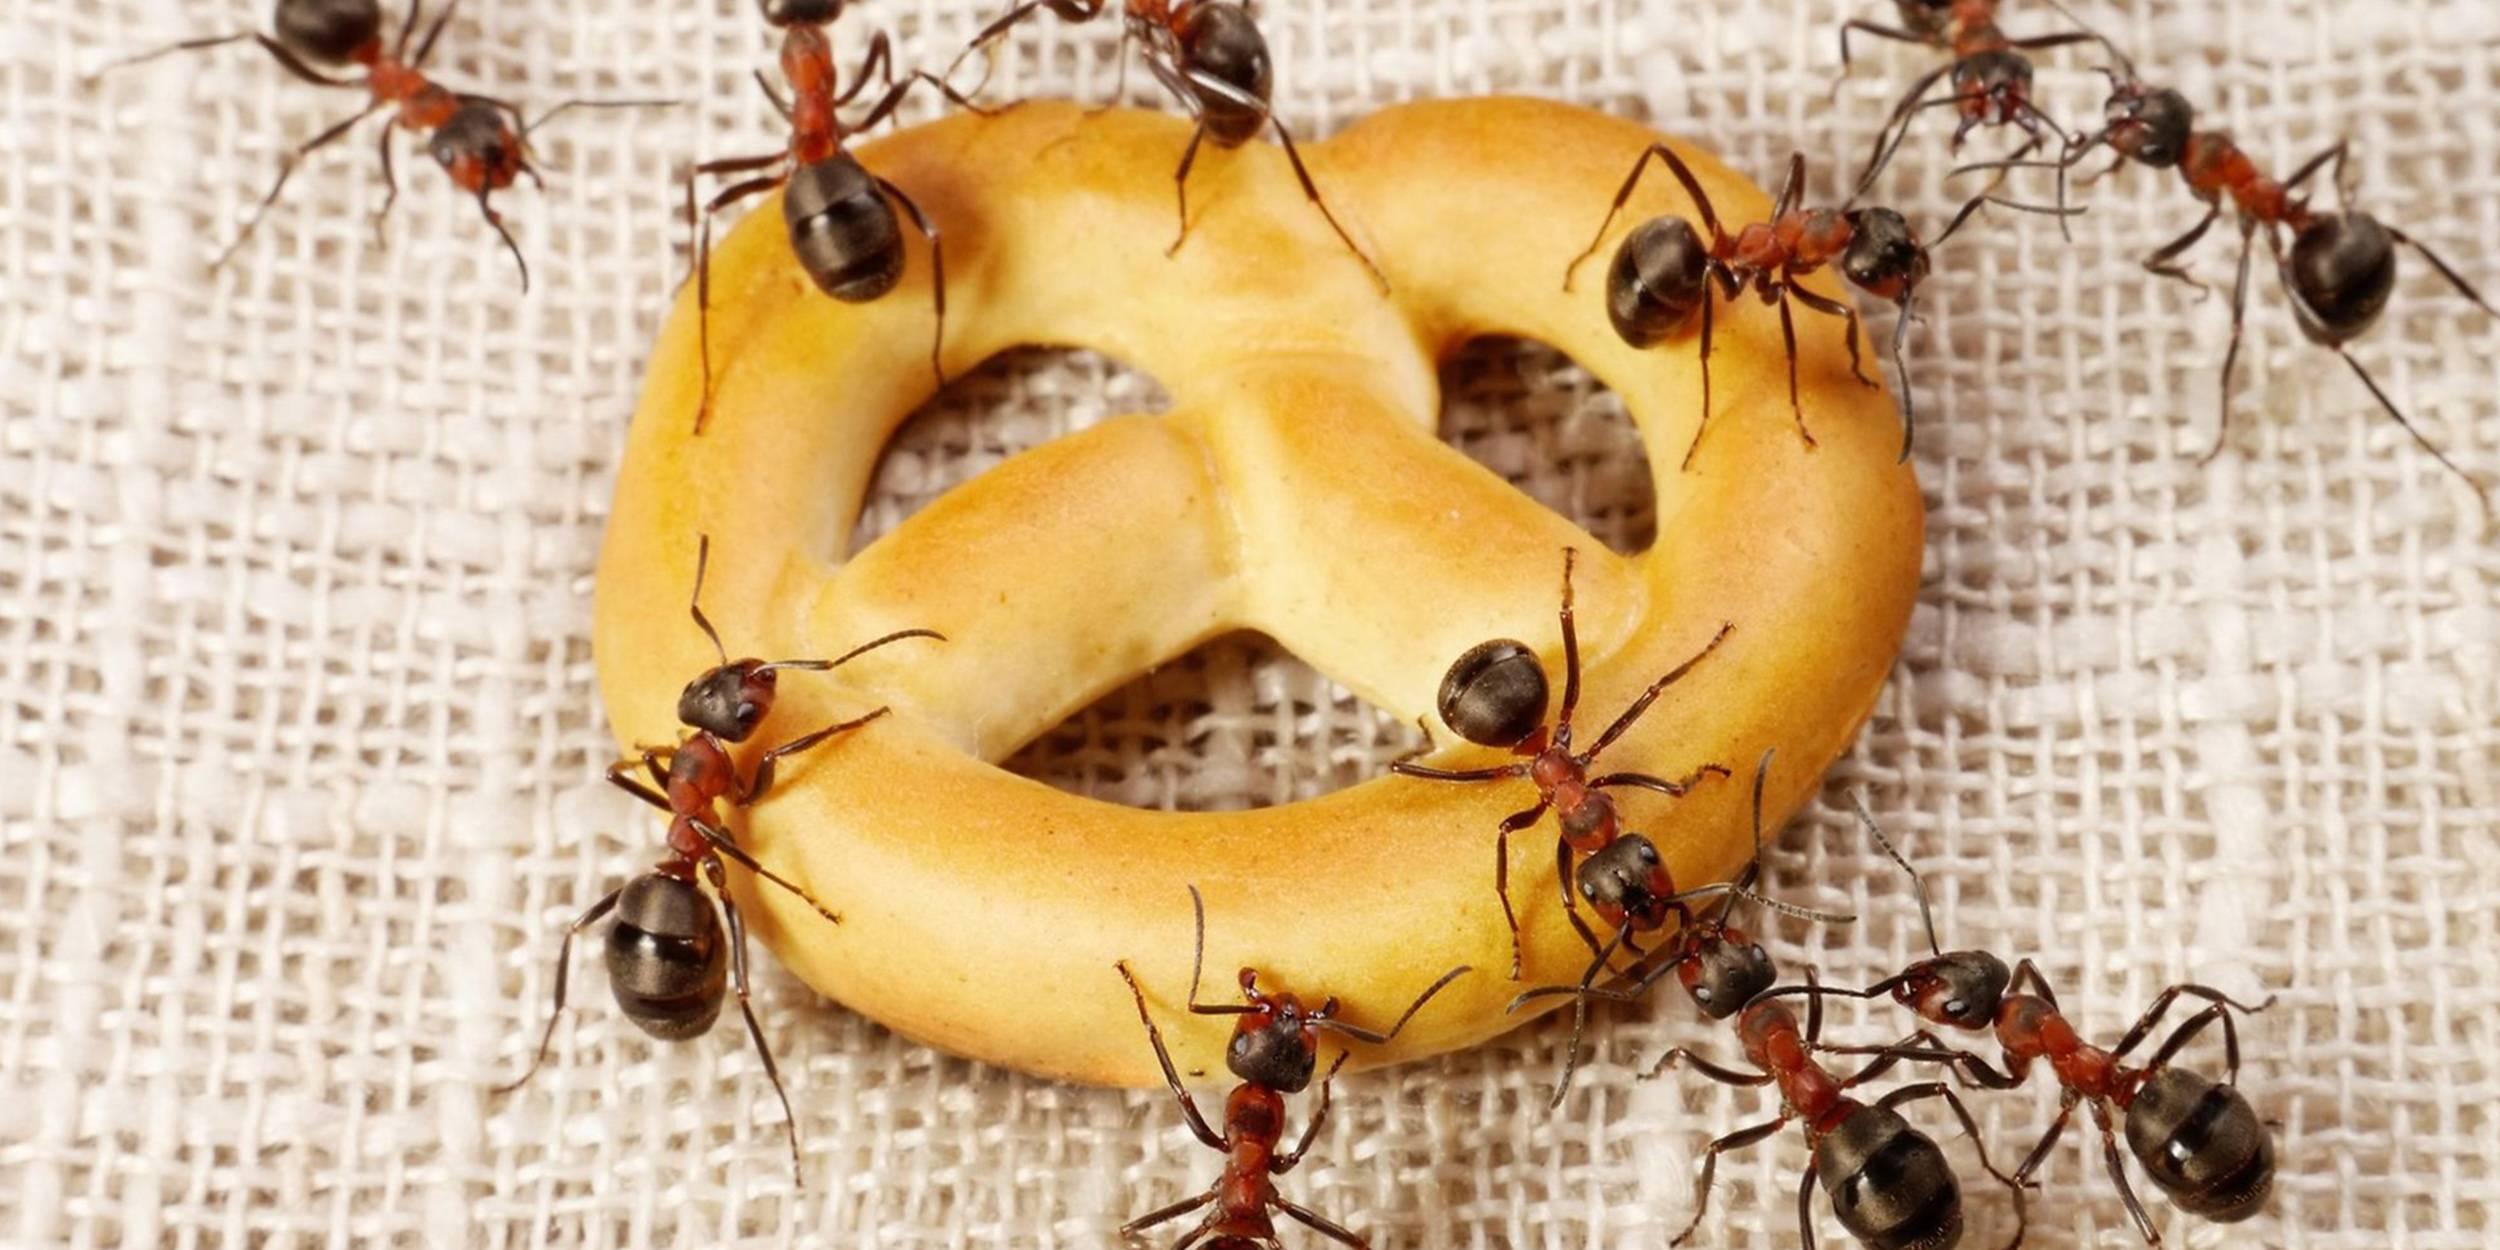 Рецепты с борной кислотой от муравьев